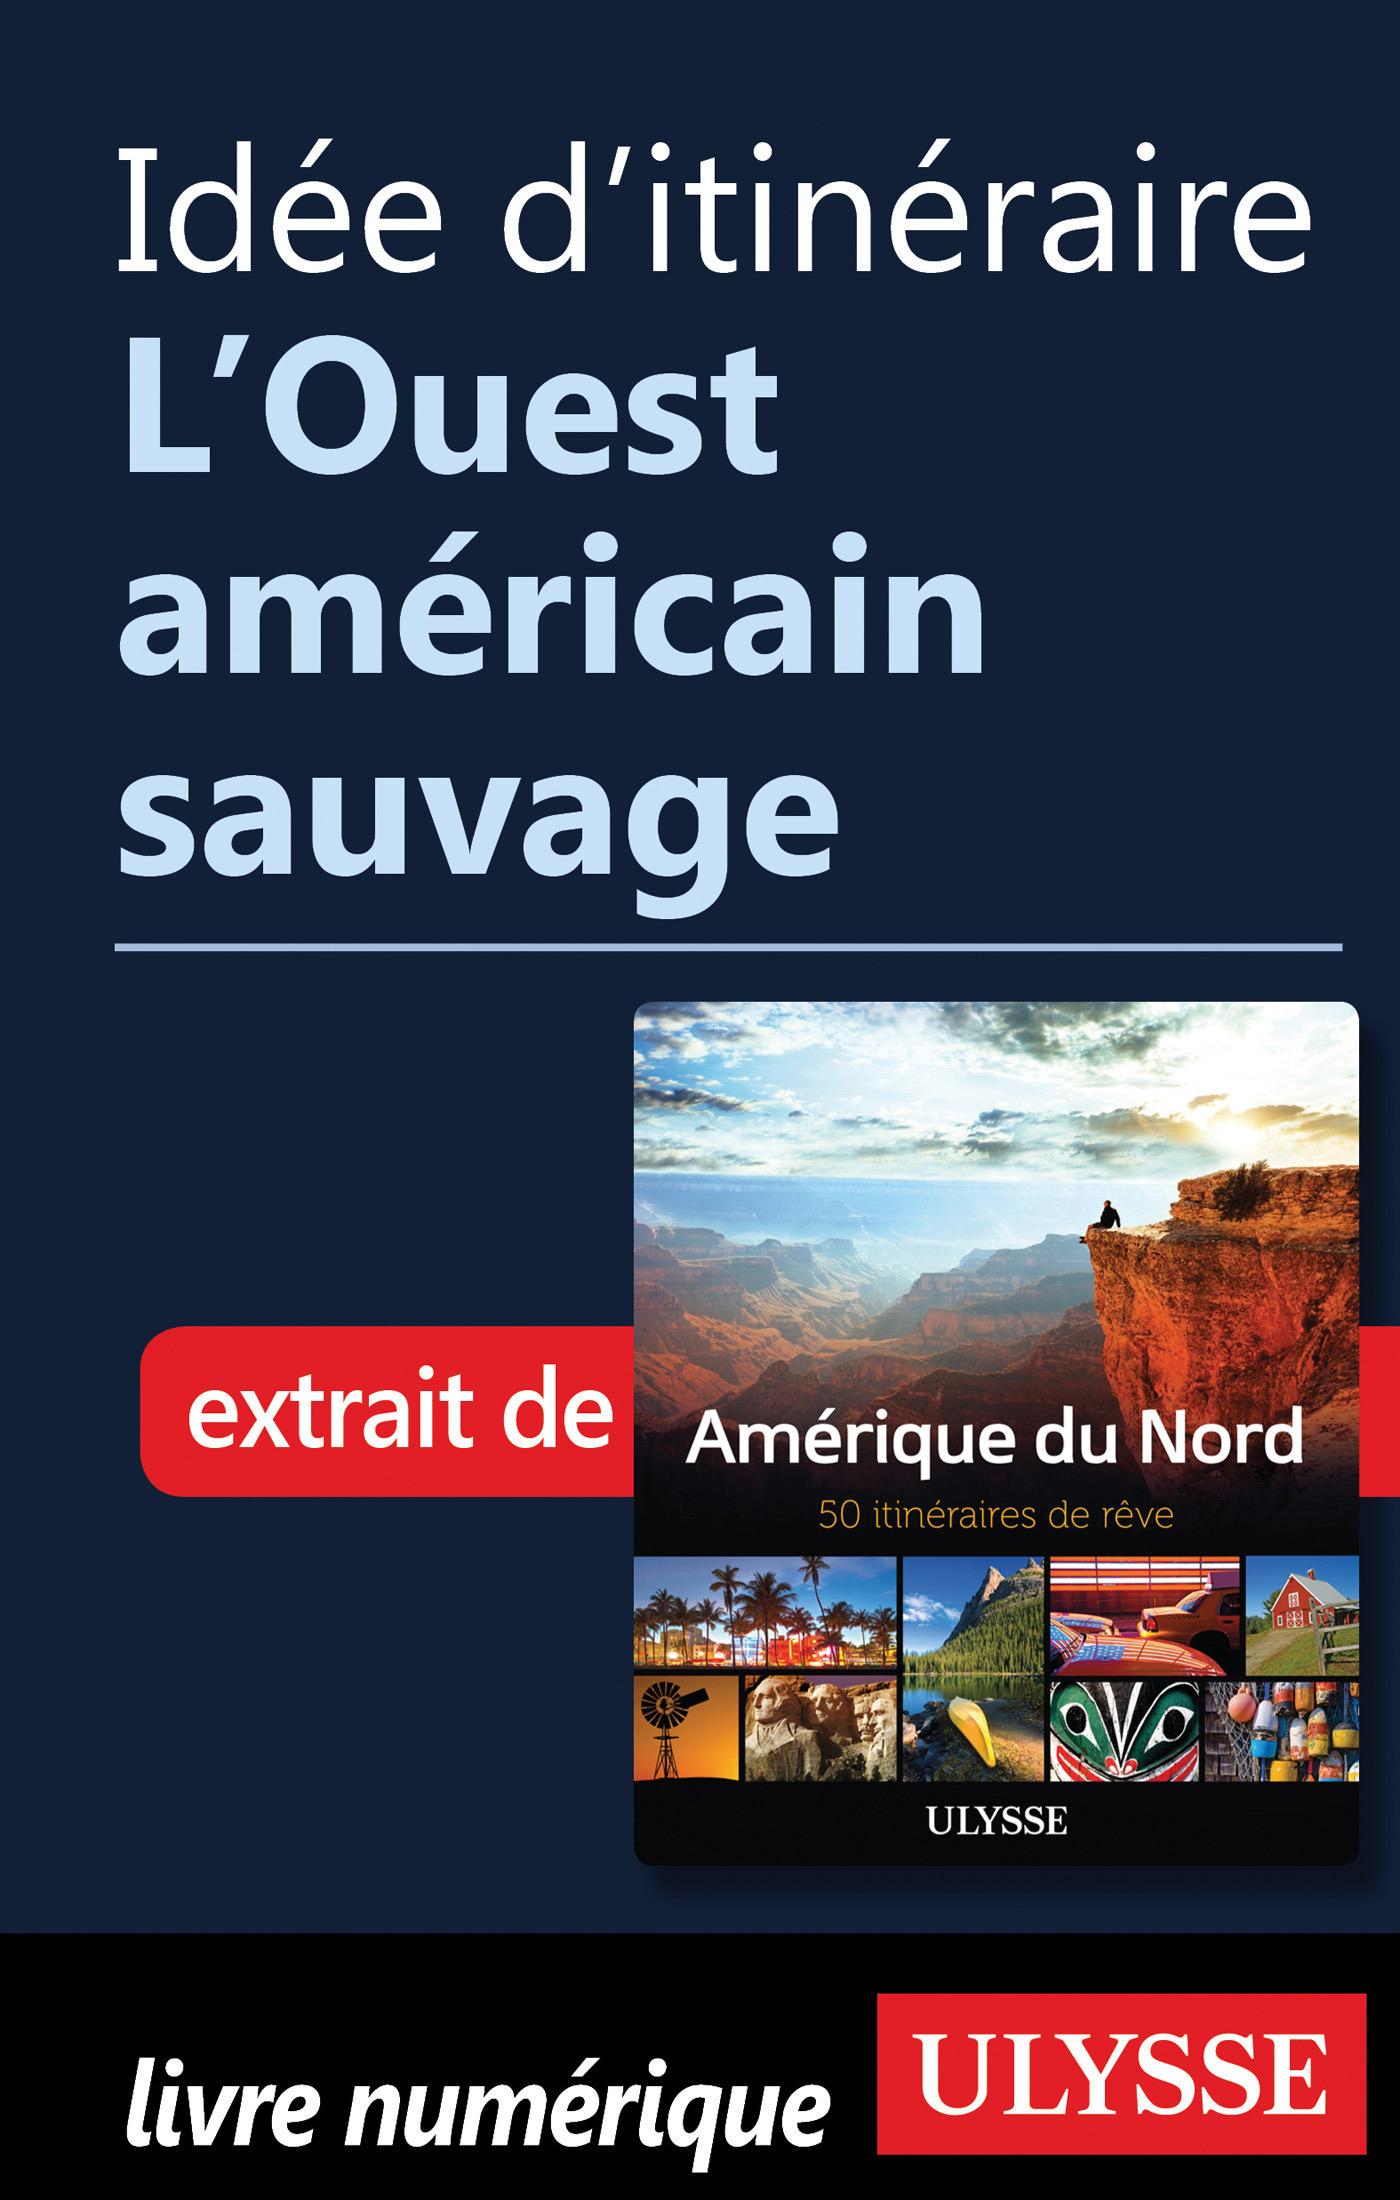 Idée d'itinéraire - L'Ouest américain sauvage